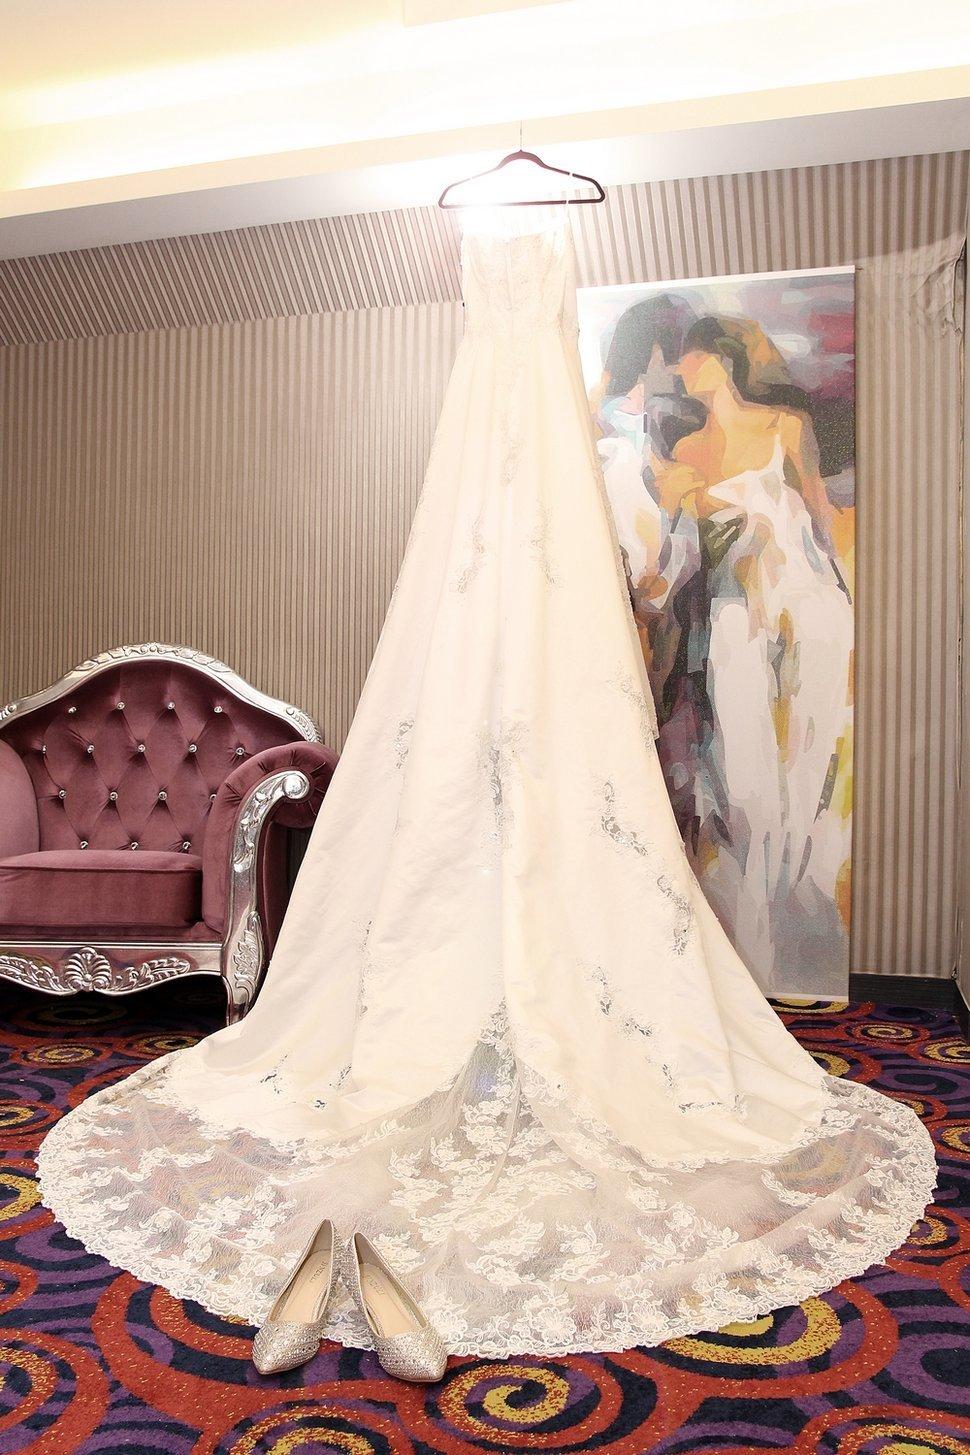 芳胤&雅雲(儀式+午宴)(編號:431260) - 瑞比婚禮紀錄攝影 - 結婚吧一站式婚禮服務平台